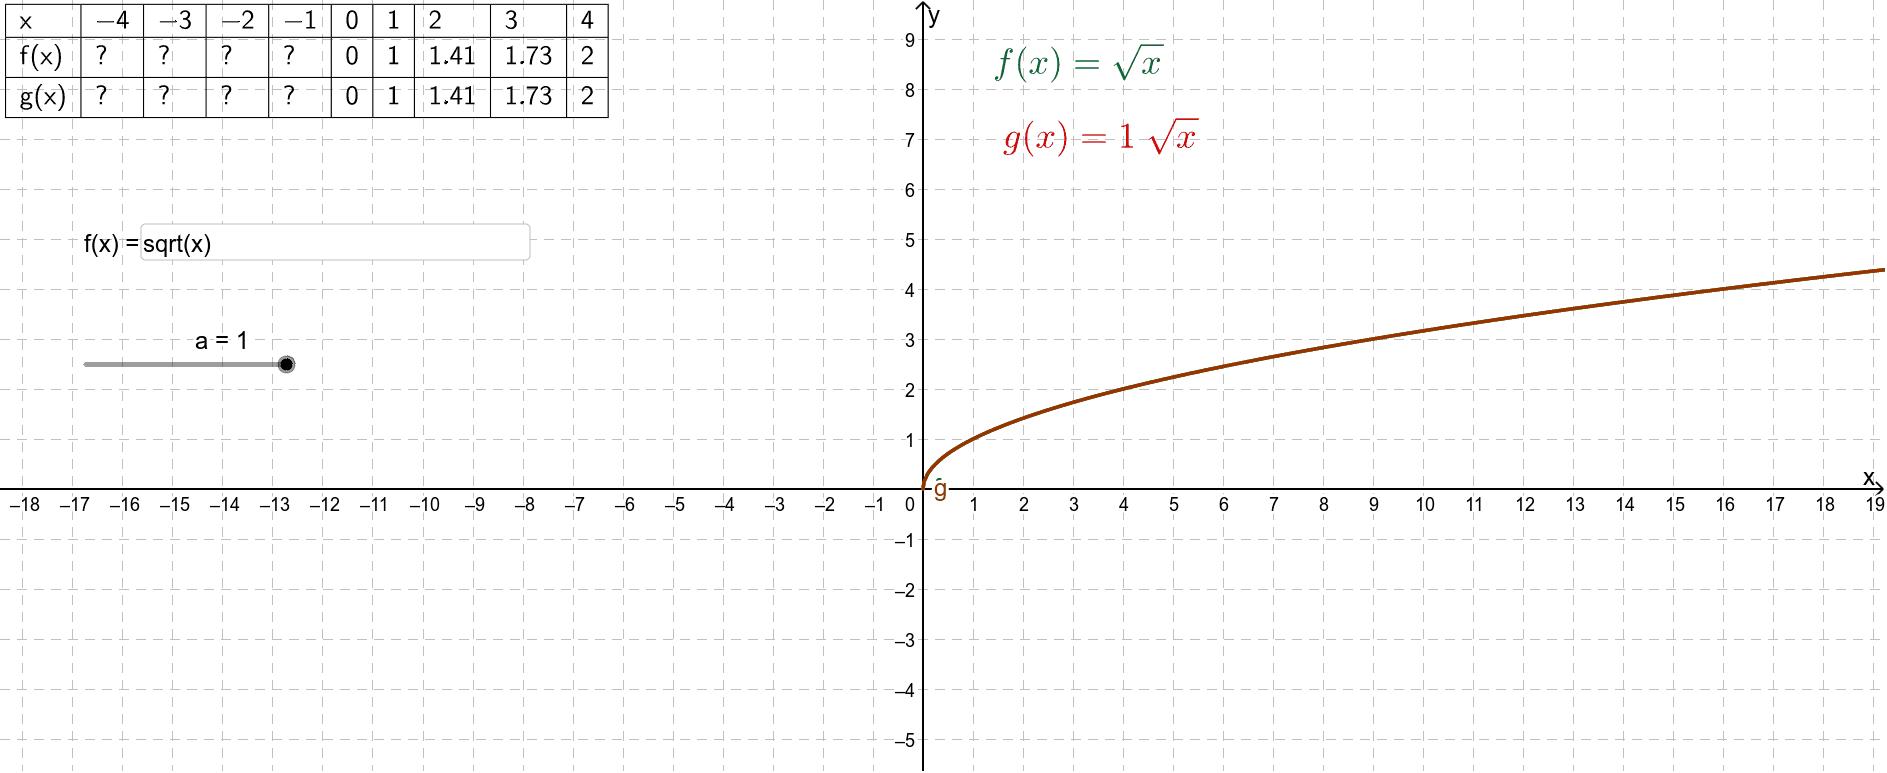 Wijzig met de schuifknop de waarde voor a, je hebt de keuze tussen 1 en -1. In het invulvak kun je een andere elementaire functie invoeren. Press Enter to start activity